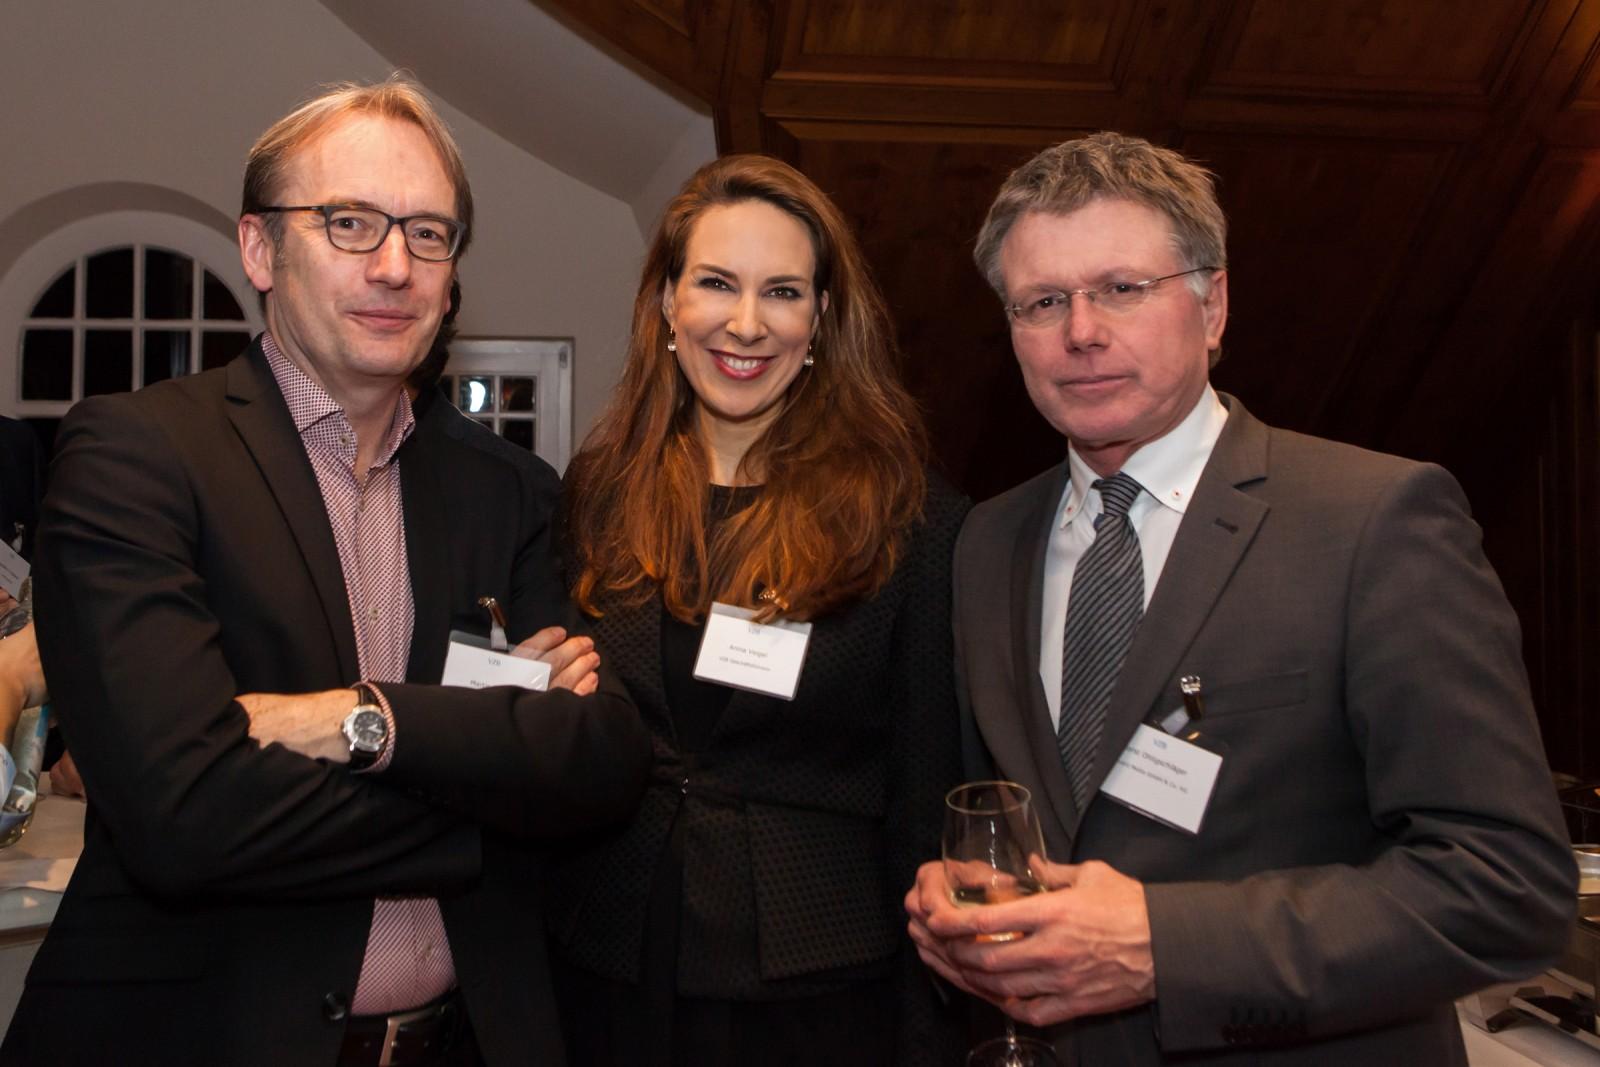 Martin Kunz, ADAC Motorwelt; Anina Veigel, VZB; Horst Ohligschläger, Bayard Media